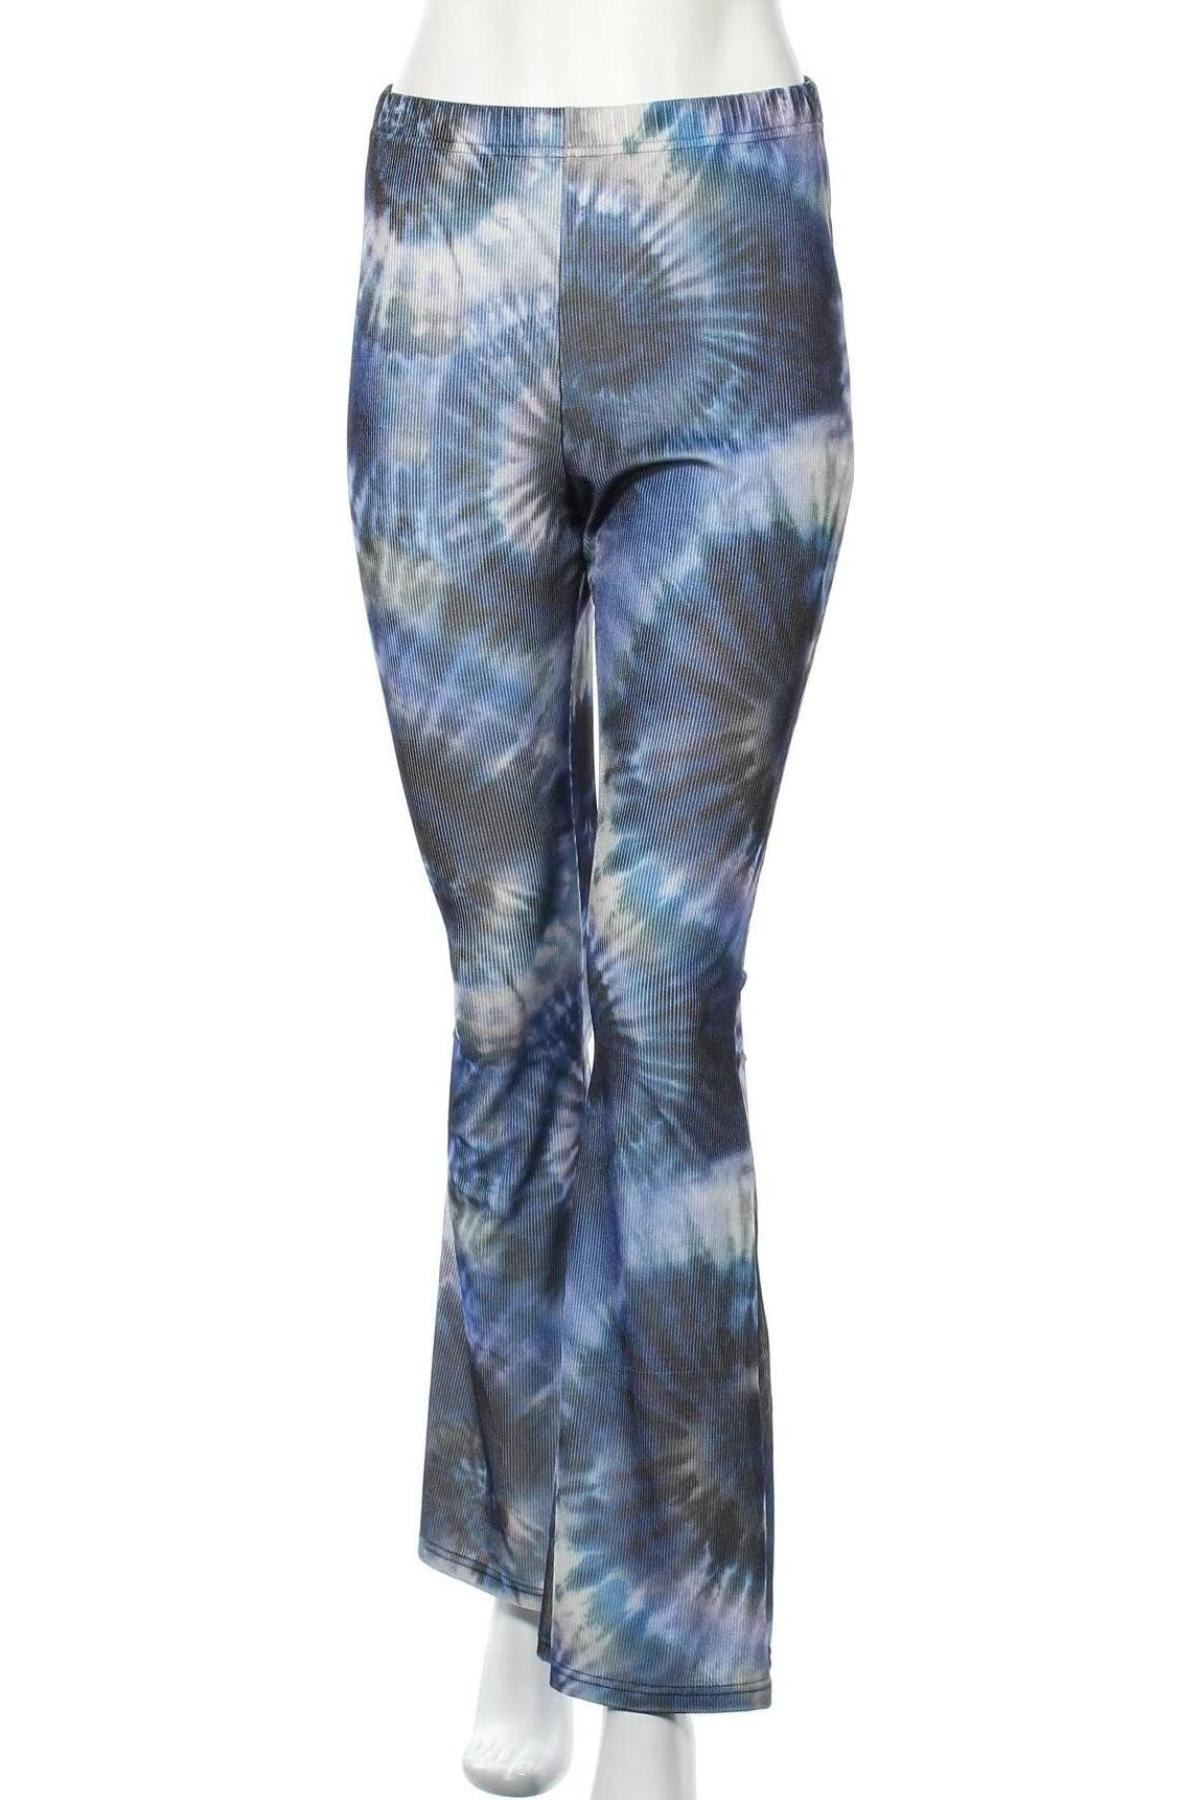 Дамски панталон Urban Outfitters, Размер M, Цвят Многоцветен, 92% полиестер, 8% еластан, Цена 11,40лв.